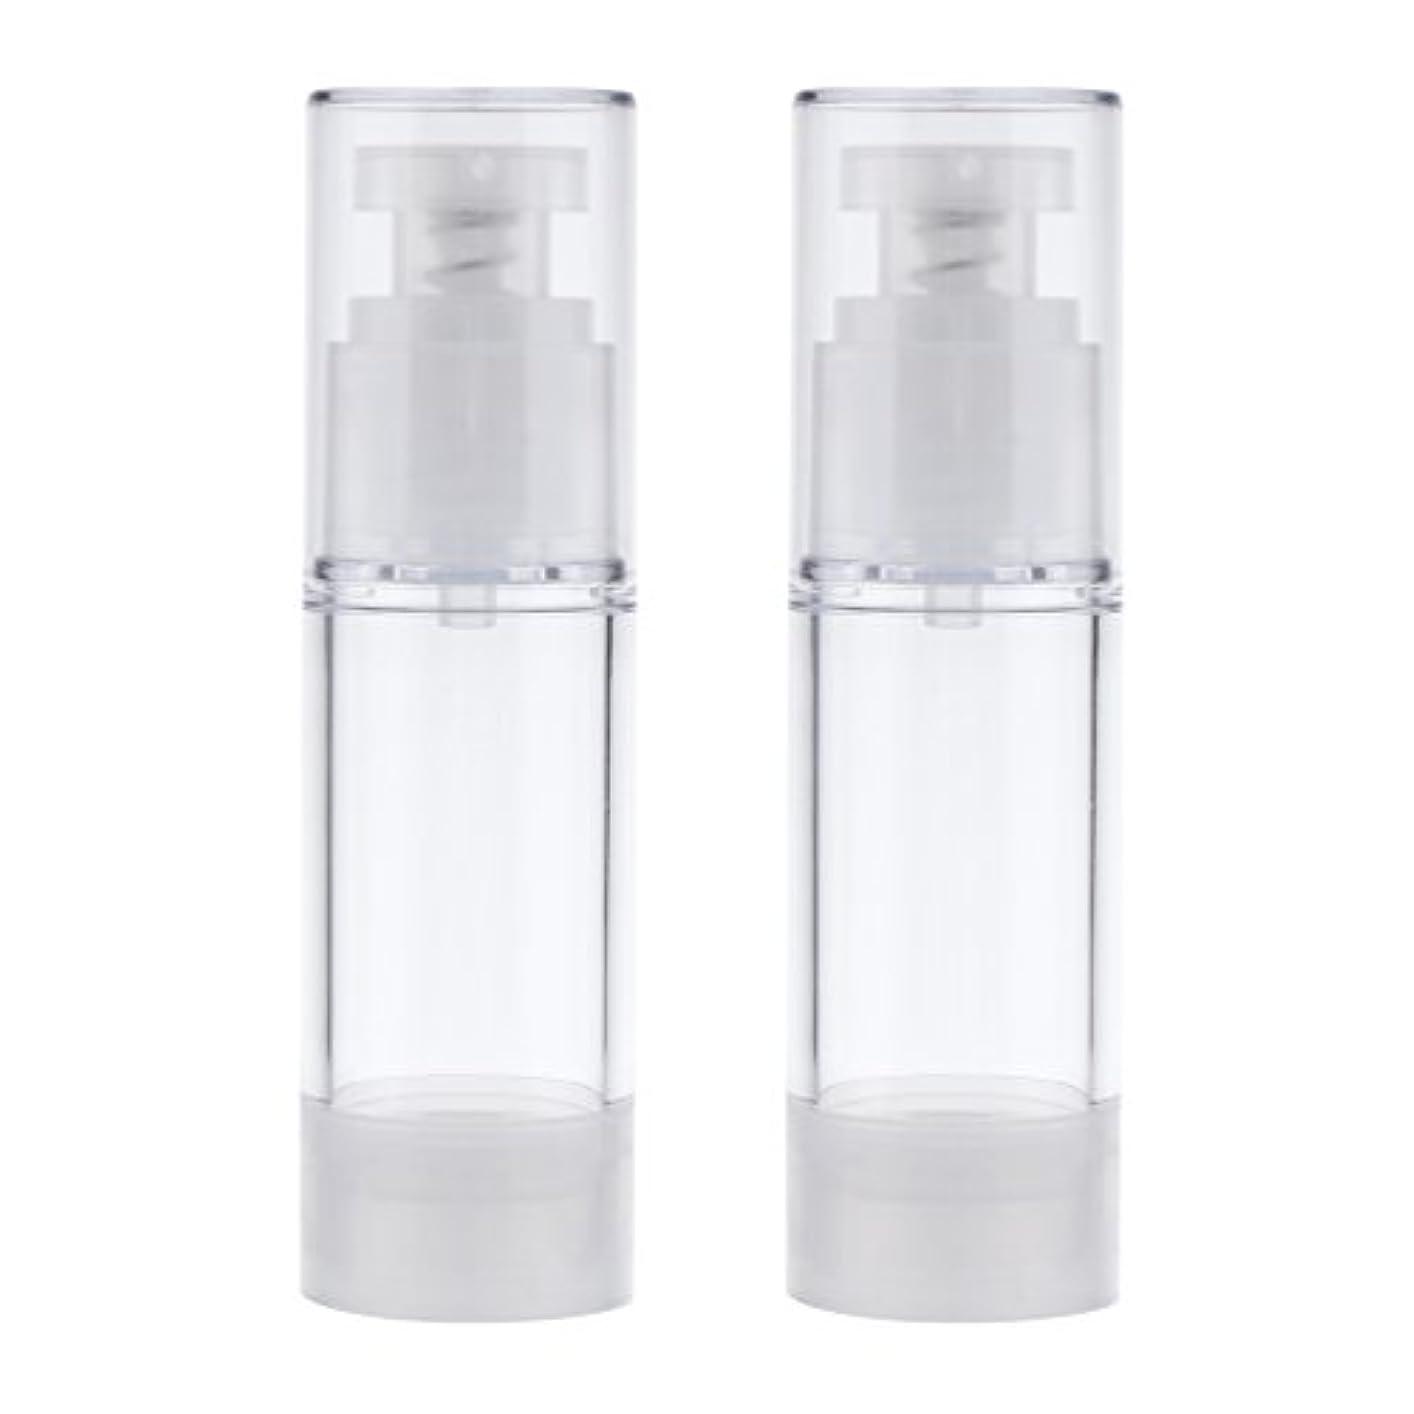 主導権出席チェスBlesiya 2個 空ボトル ポンプボトル ローション コスメ ティック クリームボトル エアレスポンプディスペンサー 3サイズ選べる - 30ml